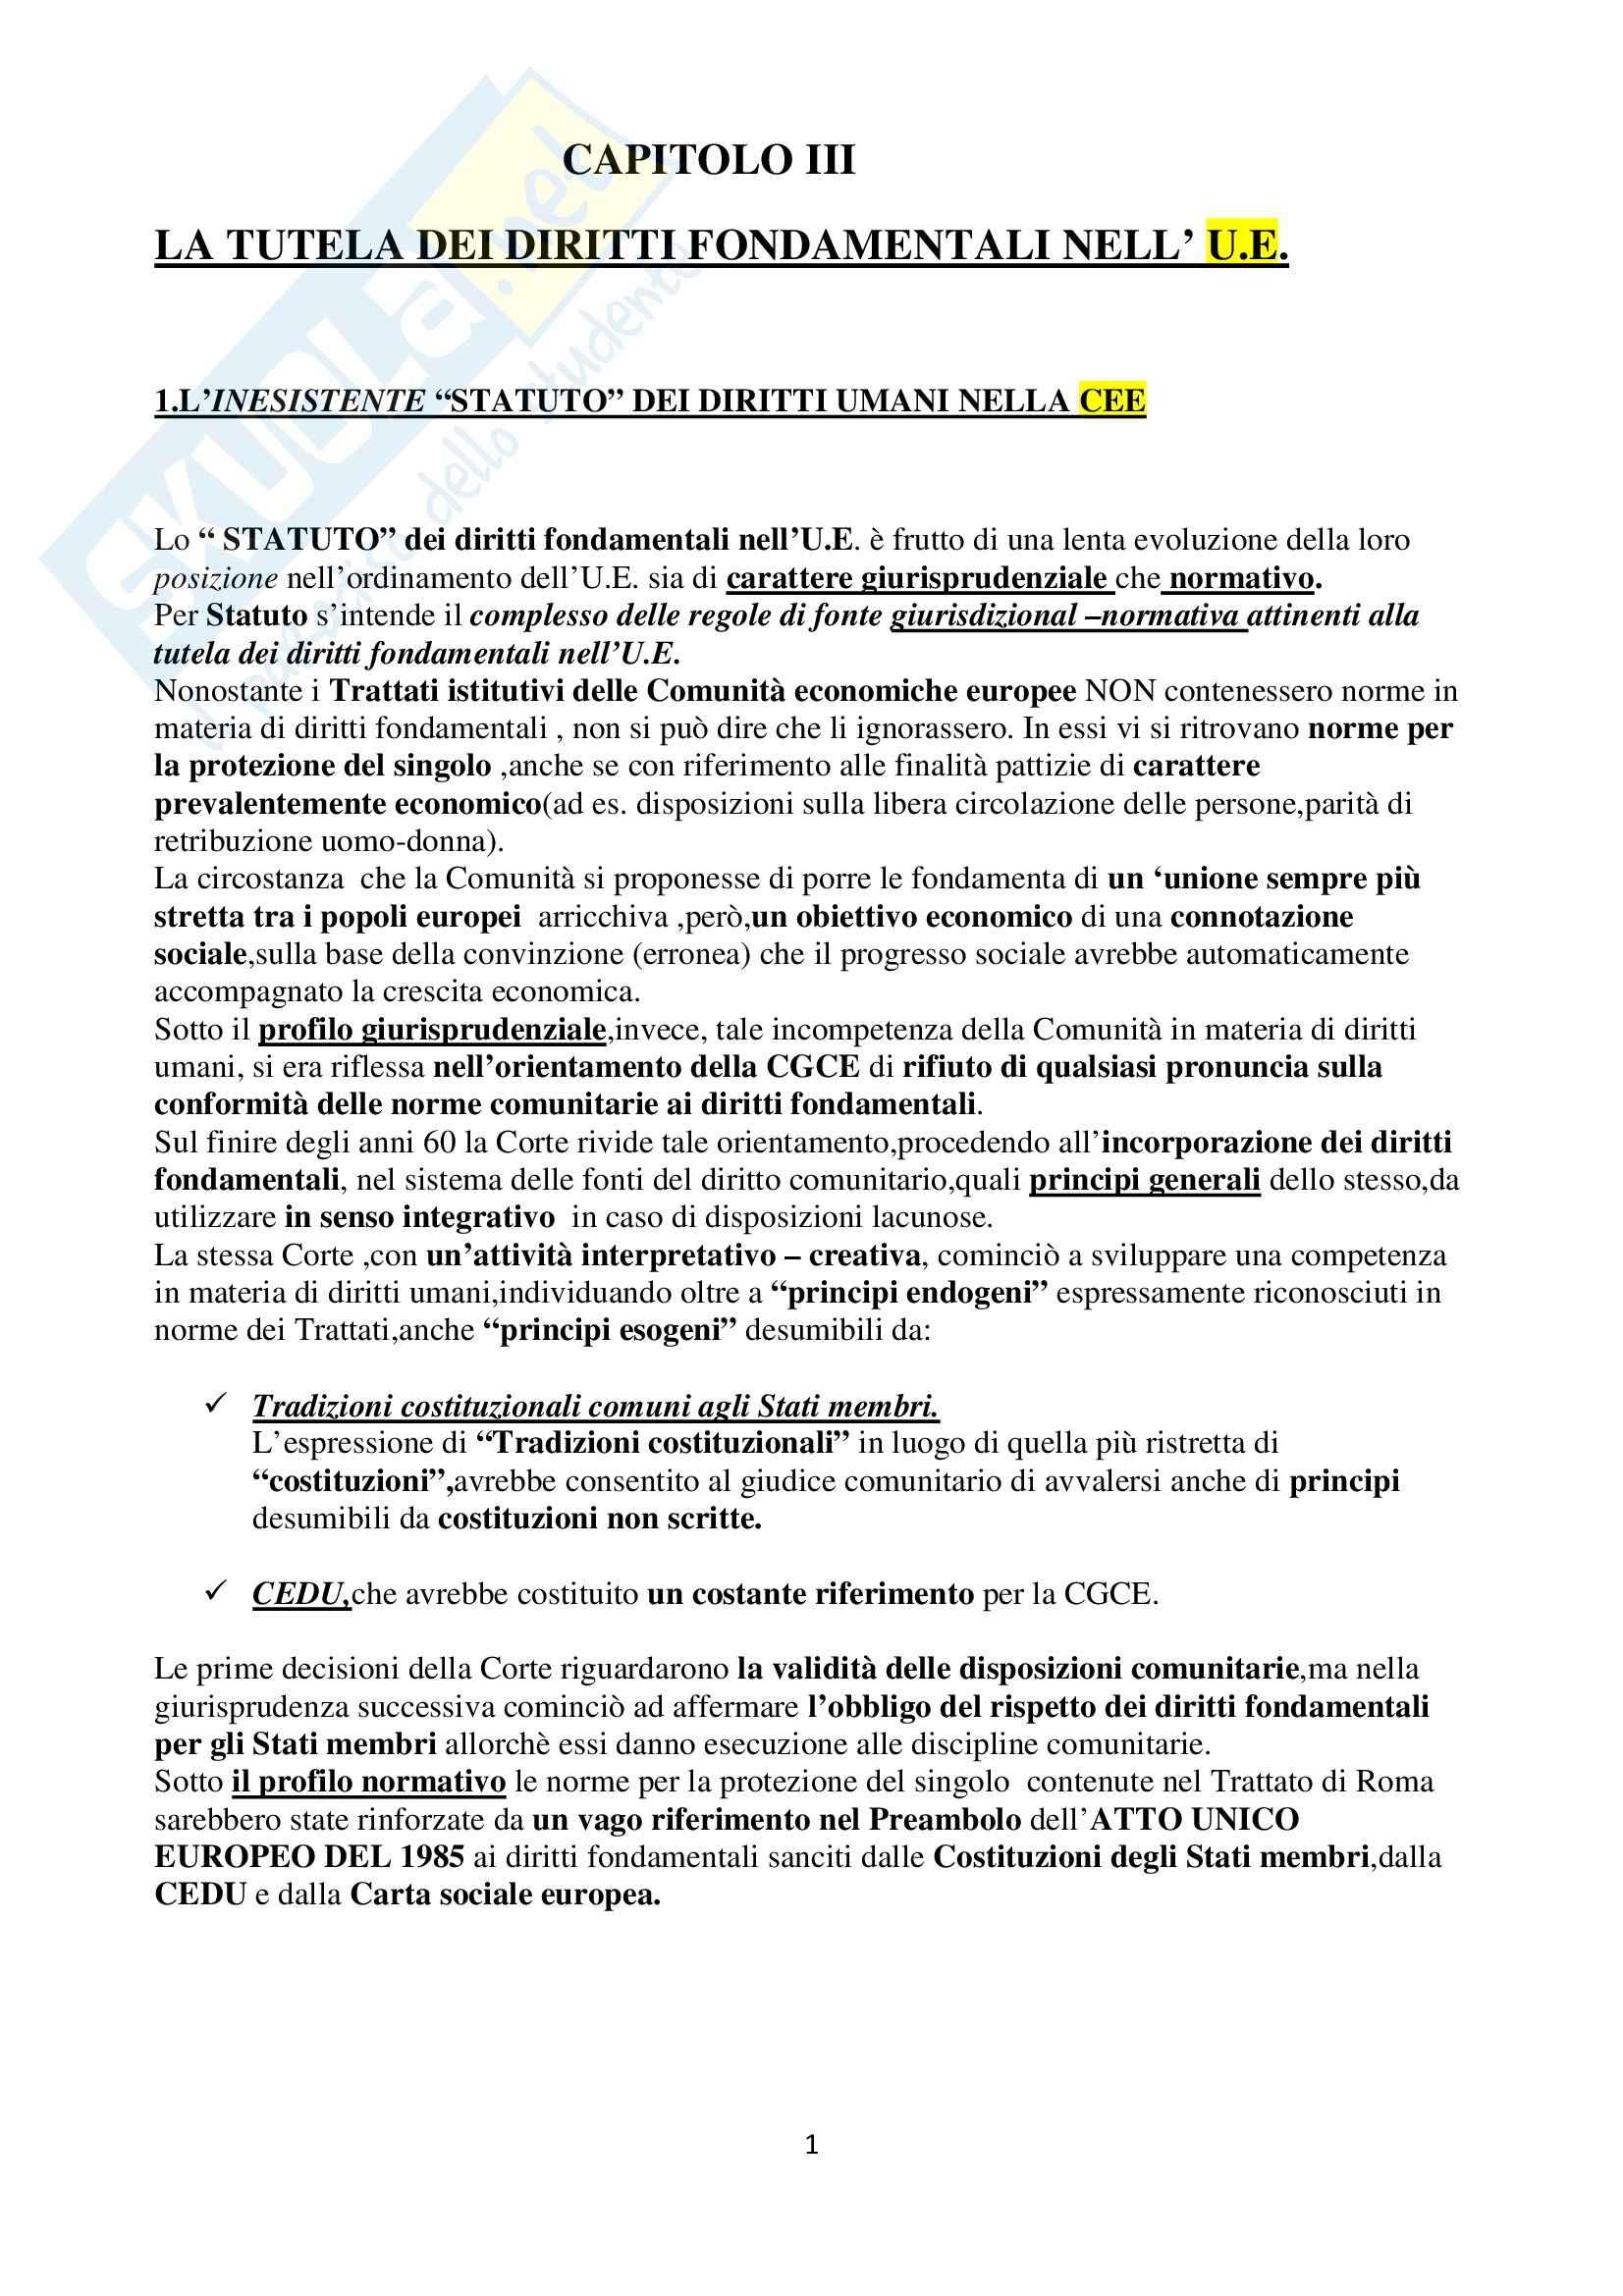 Riassunto esame Diritto dell'Unione Europea, prof. Di Stasi, libro consigliato Il sistema europeo, Di Stasi (Parte II)